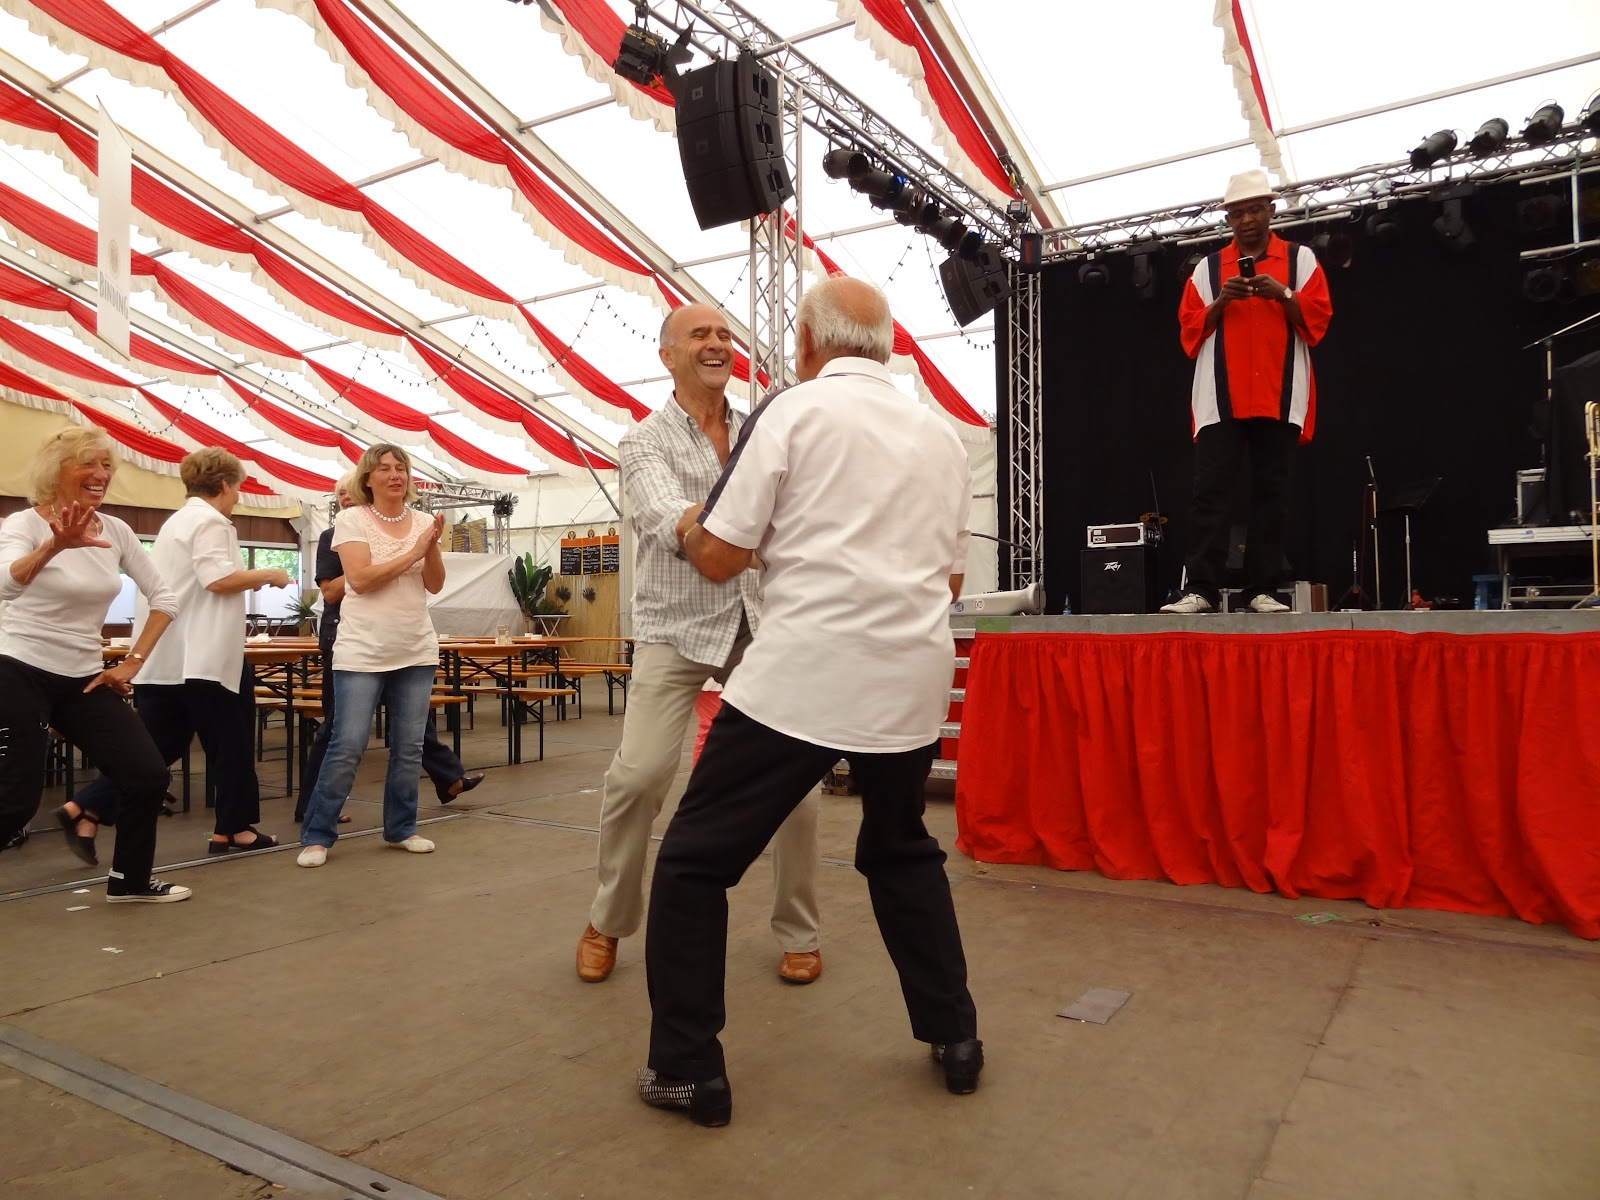 veranstaltung dudenhofen festhalle